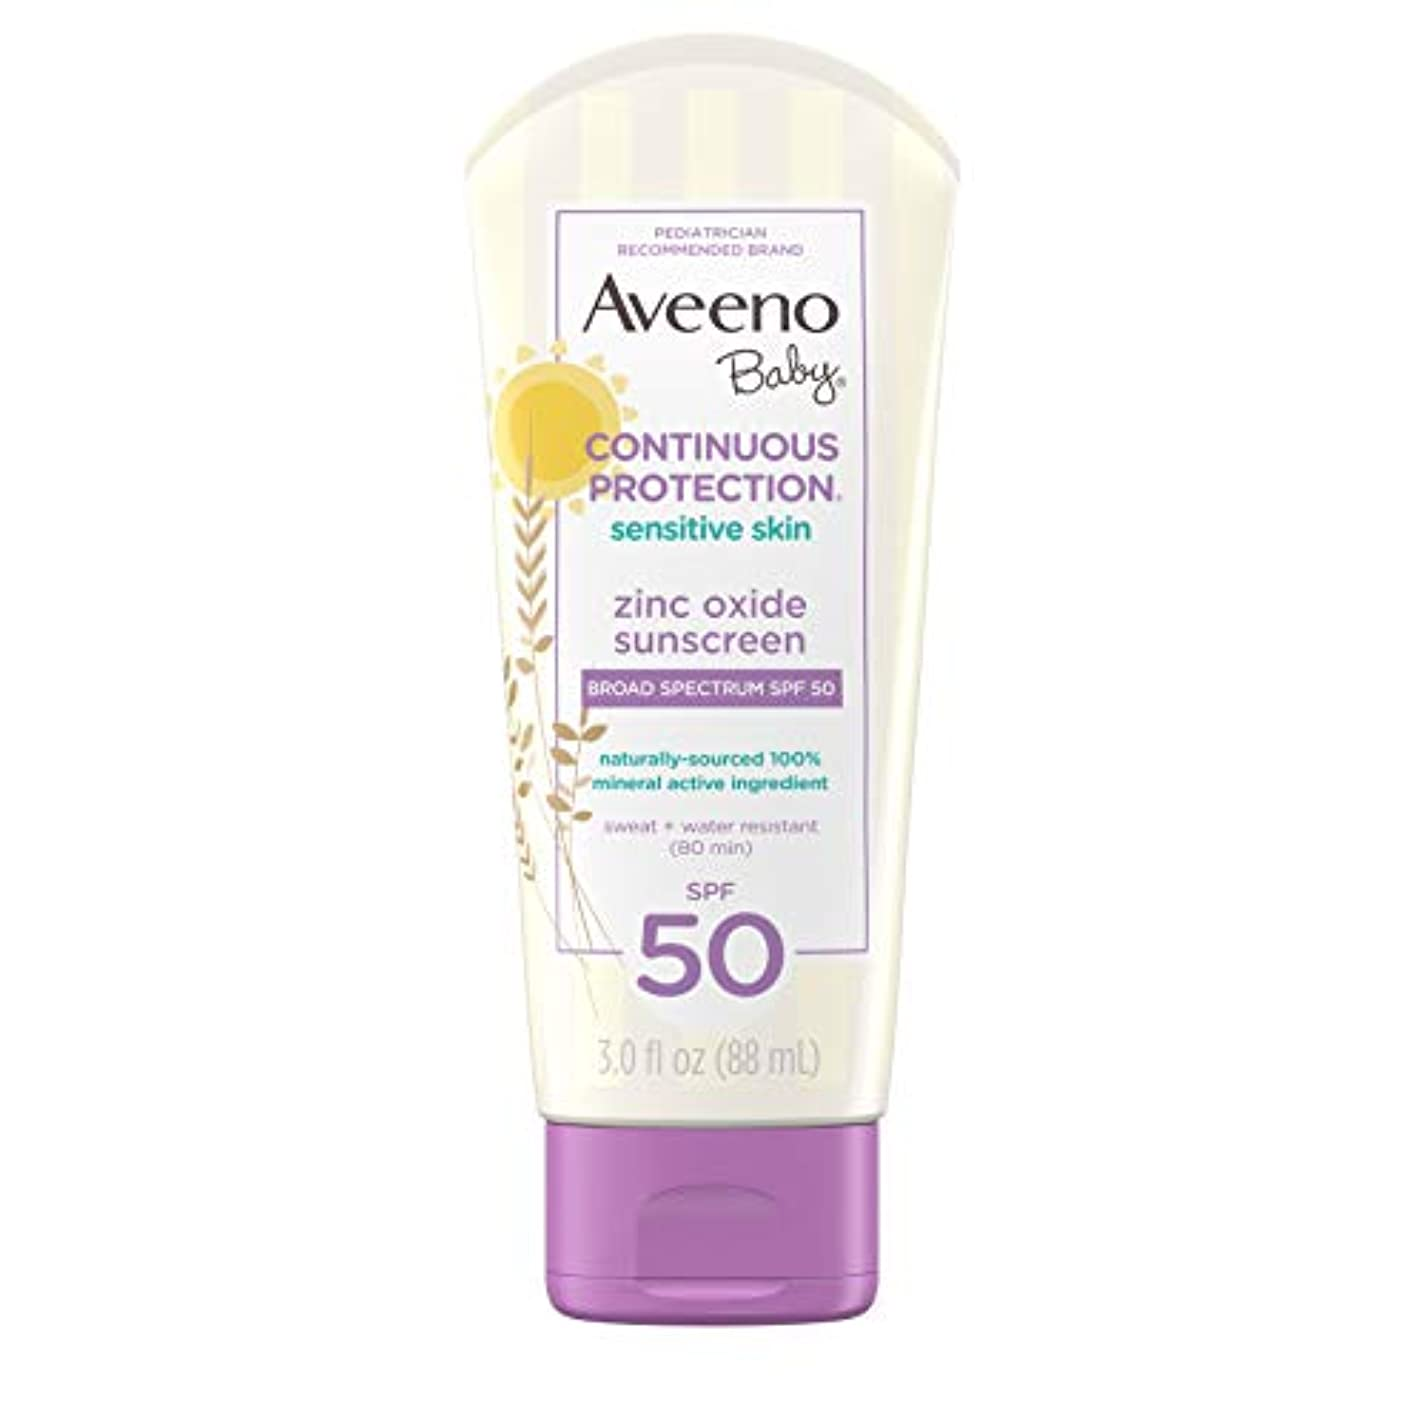 主張するスポンサー有能なAveeno Baby 広域スペクトルのSPF 50、涙フリー、Sweat-&耐水性、旅行、サイズ、3フロリダで敏感肌用のContinuous Protection酸化亜鉛ミネラル日焼け止めローション。オズ